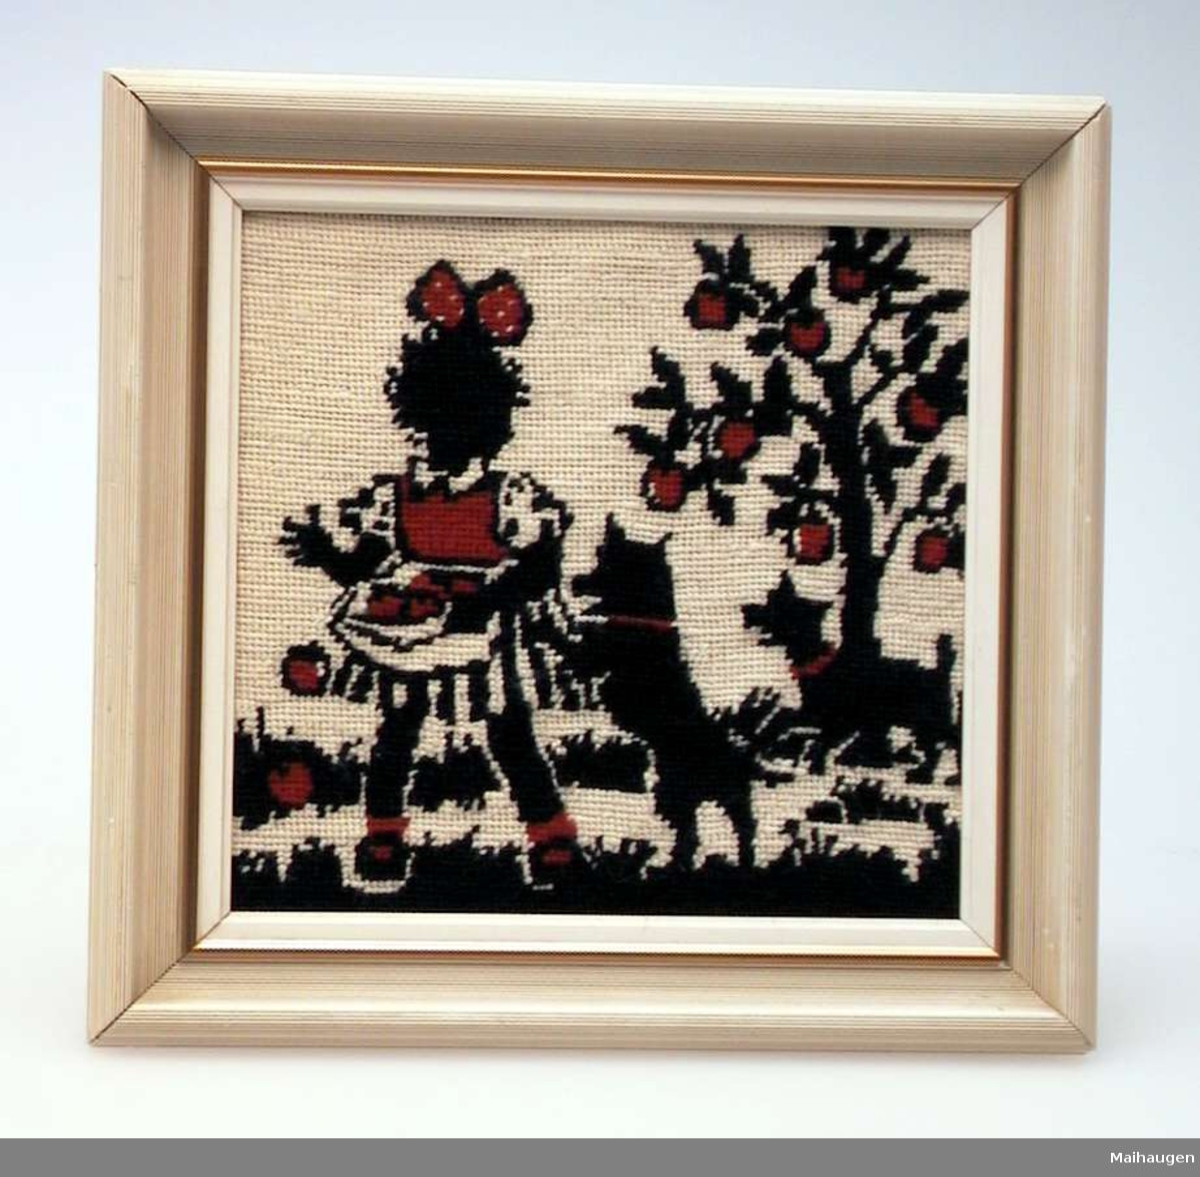 Ullbroderi på stramei i rødt, svart og hvitt. Motivet er ei jente med to hunder og et epletre i bakgrunnen. Rammen er av tre, malt hvit med gullkant.